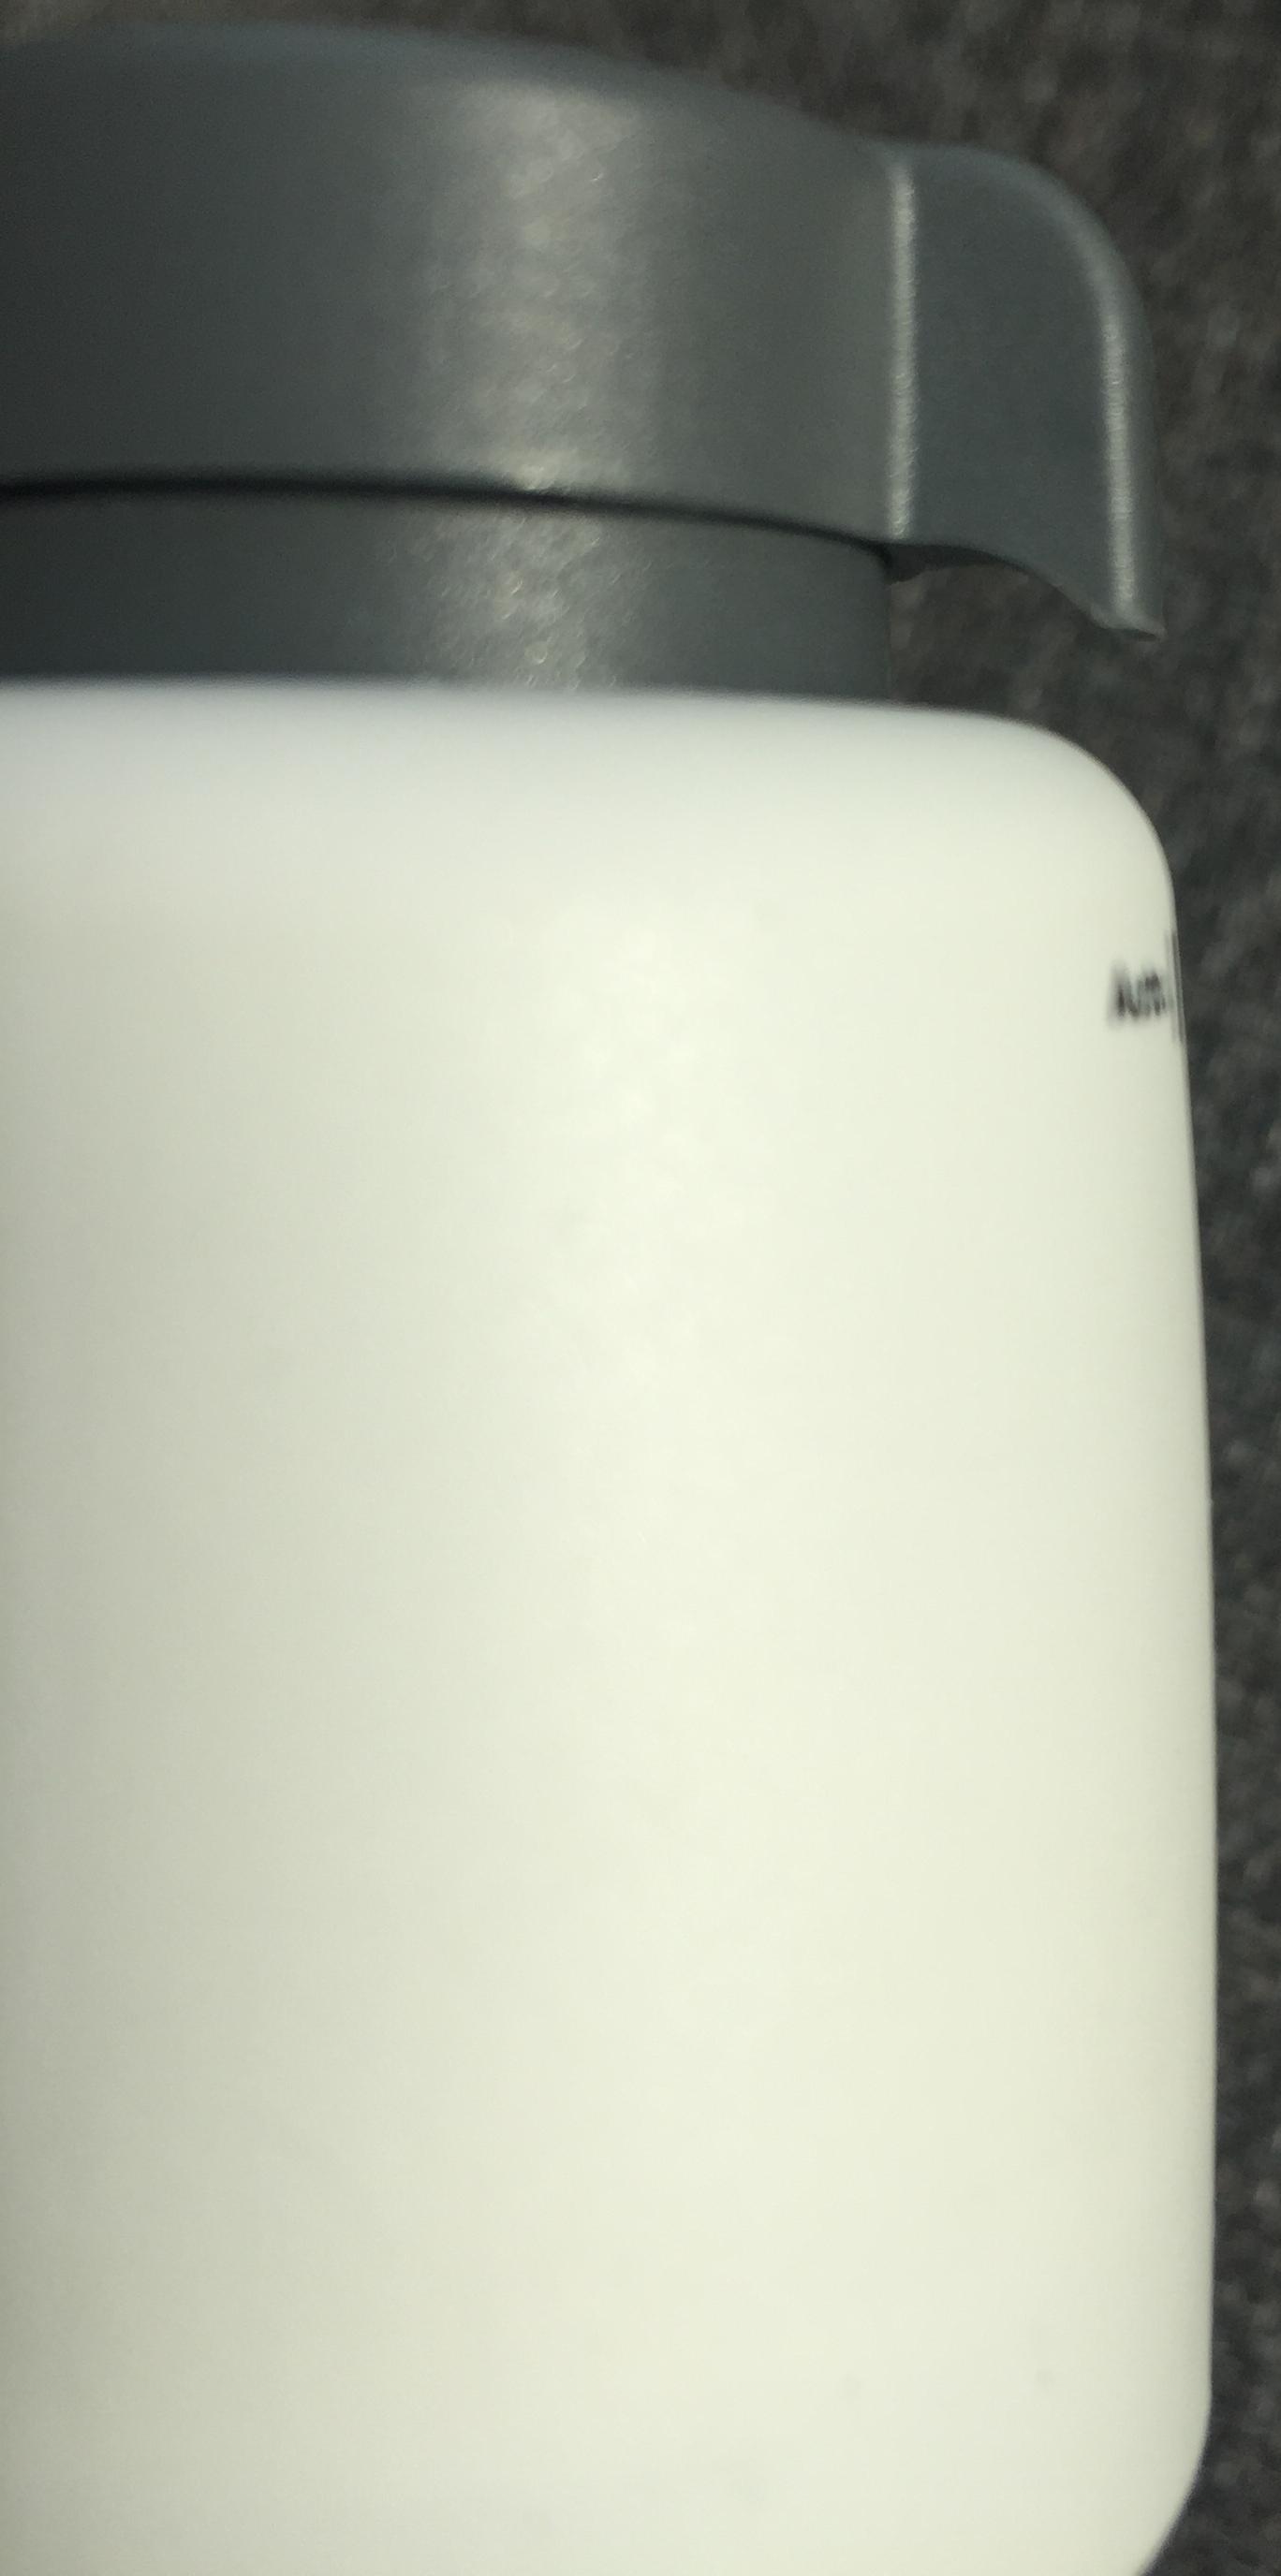 Quand l'actuateur ou micro-moteur est ouvert ou en mode manuel, la bague grise est levée